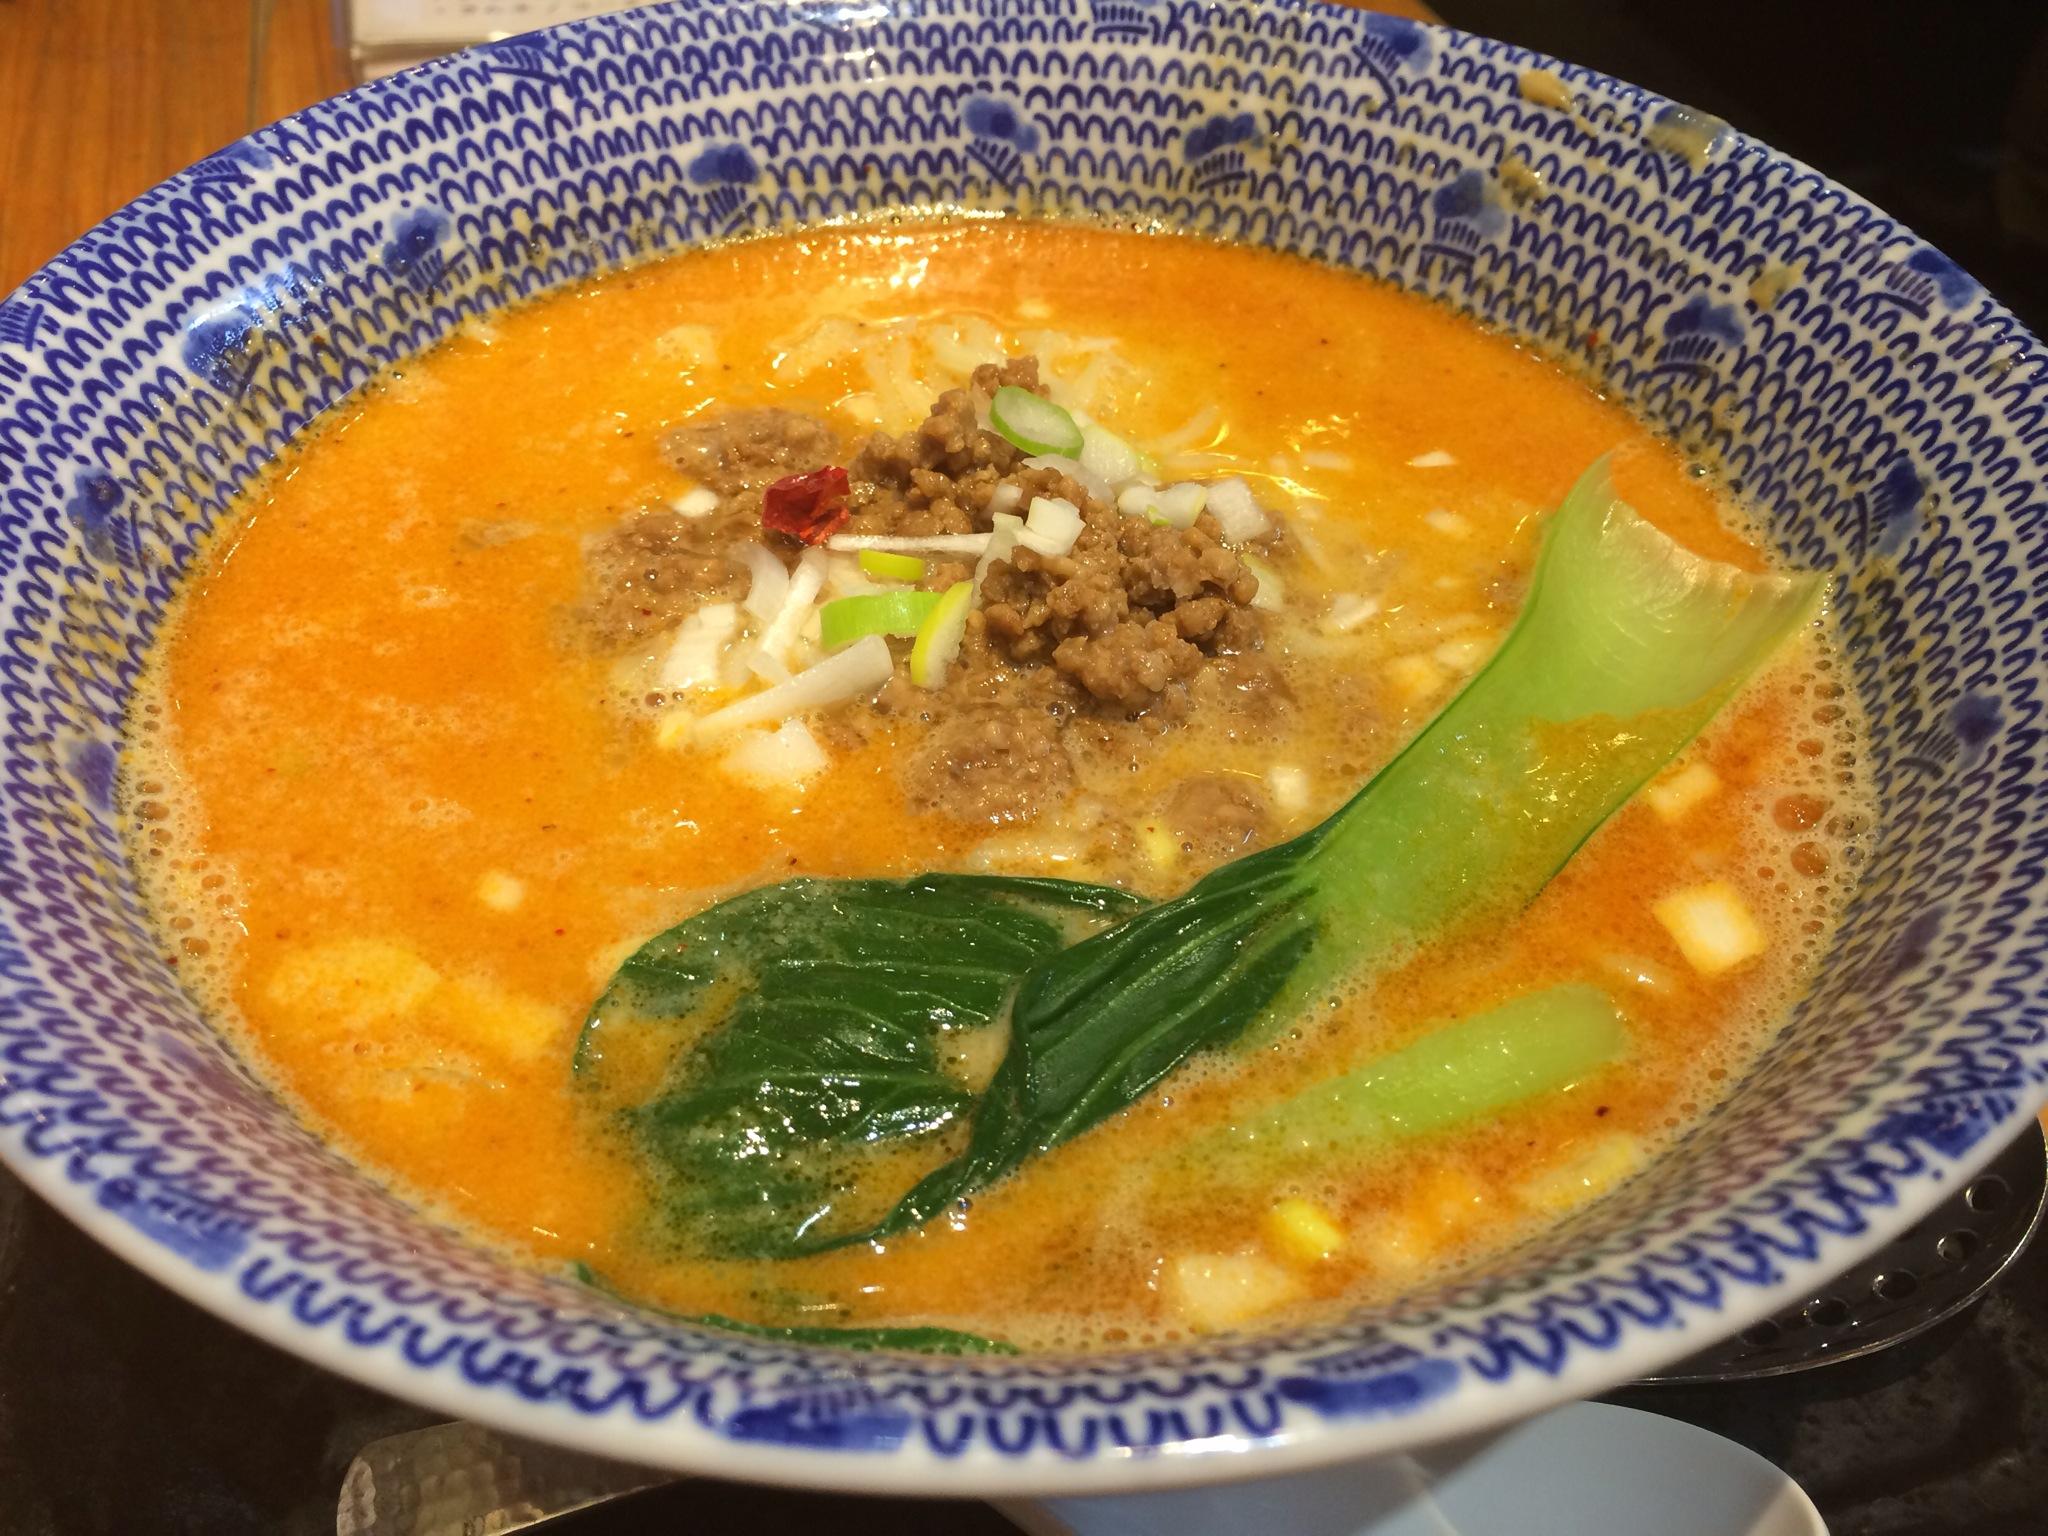 武蔵新城つけ麺まき野の担担麺!!!これ好きです(*^_^*)